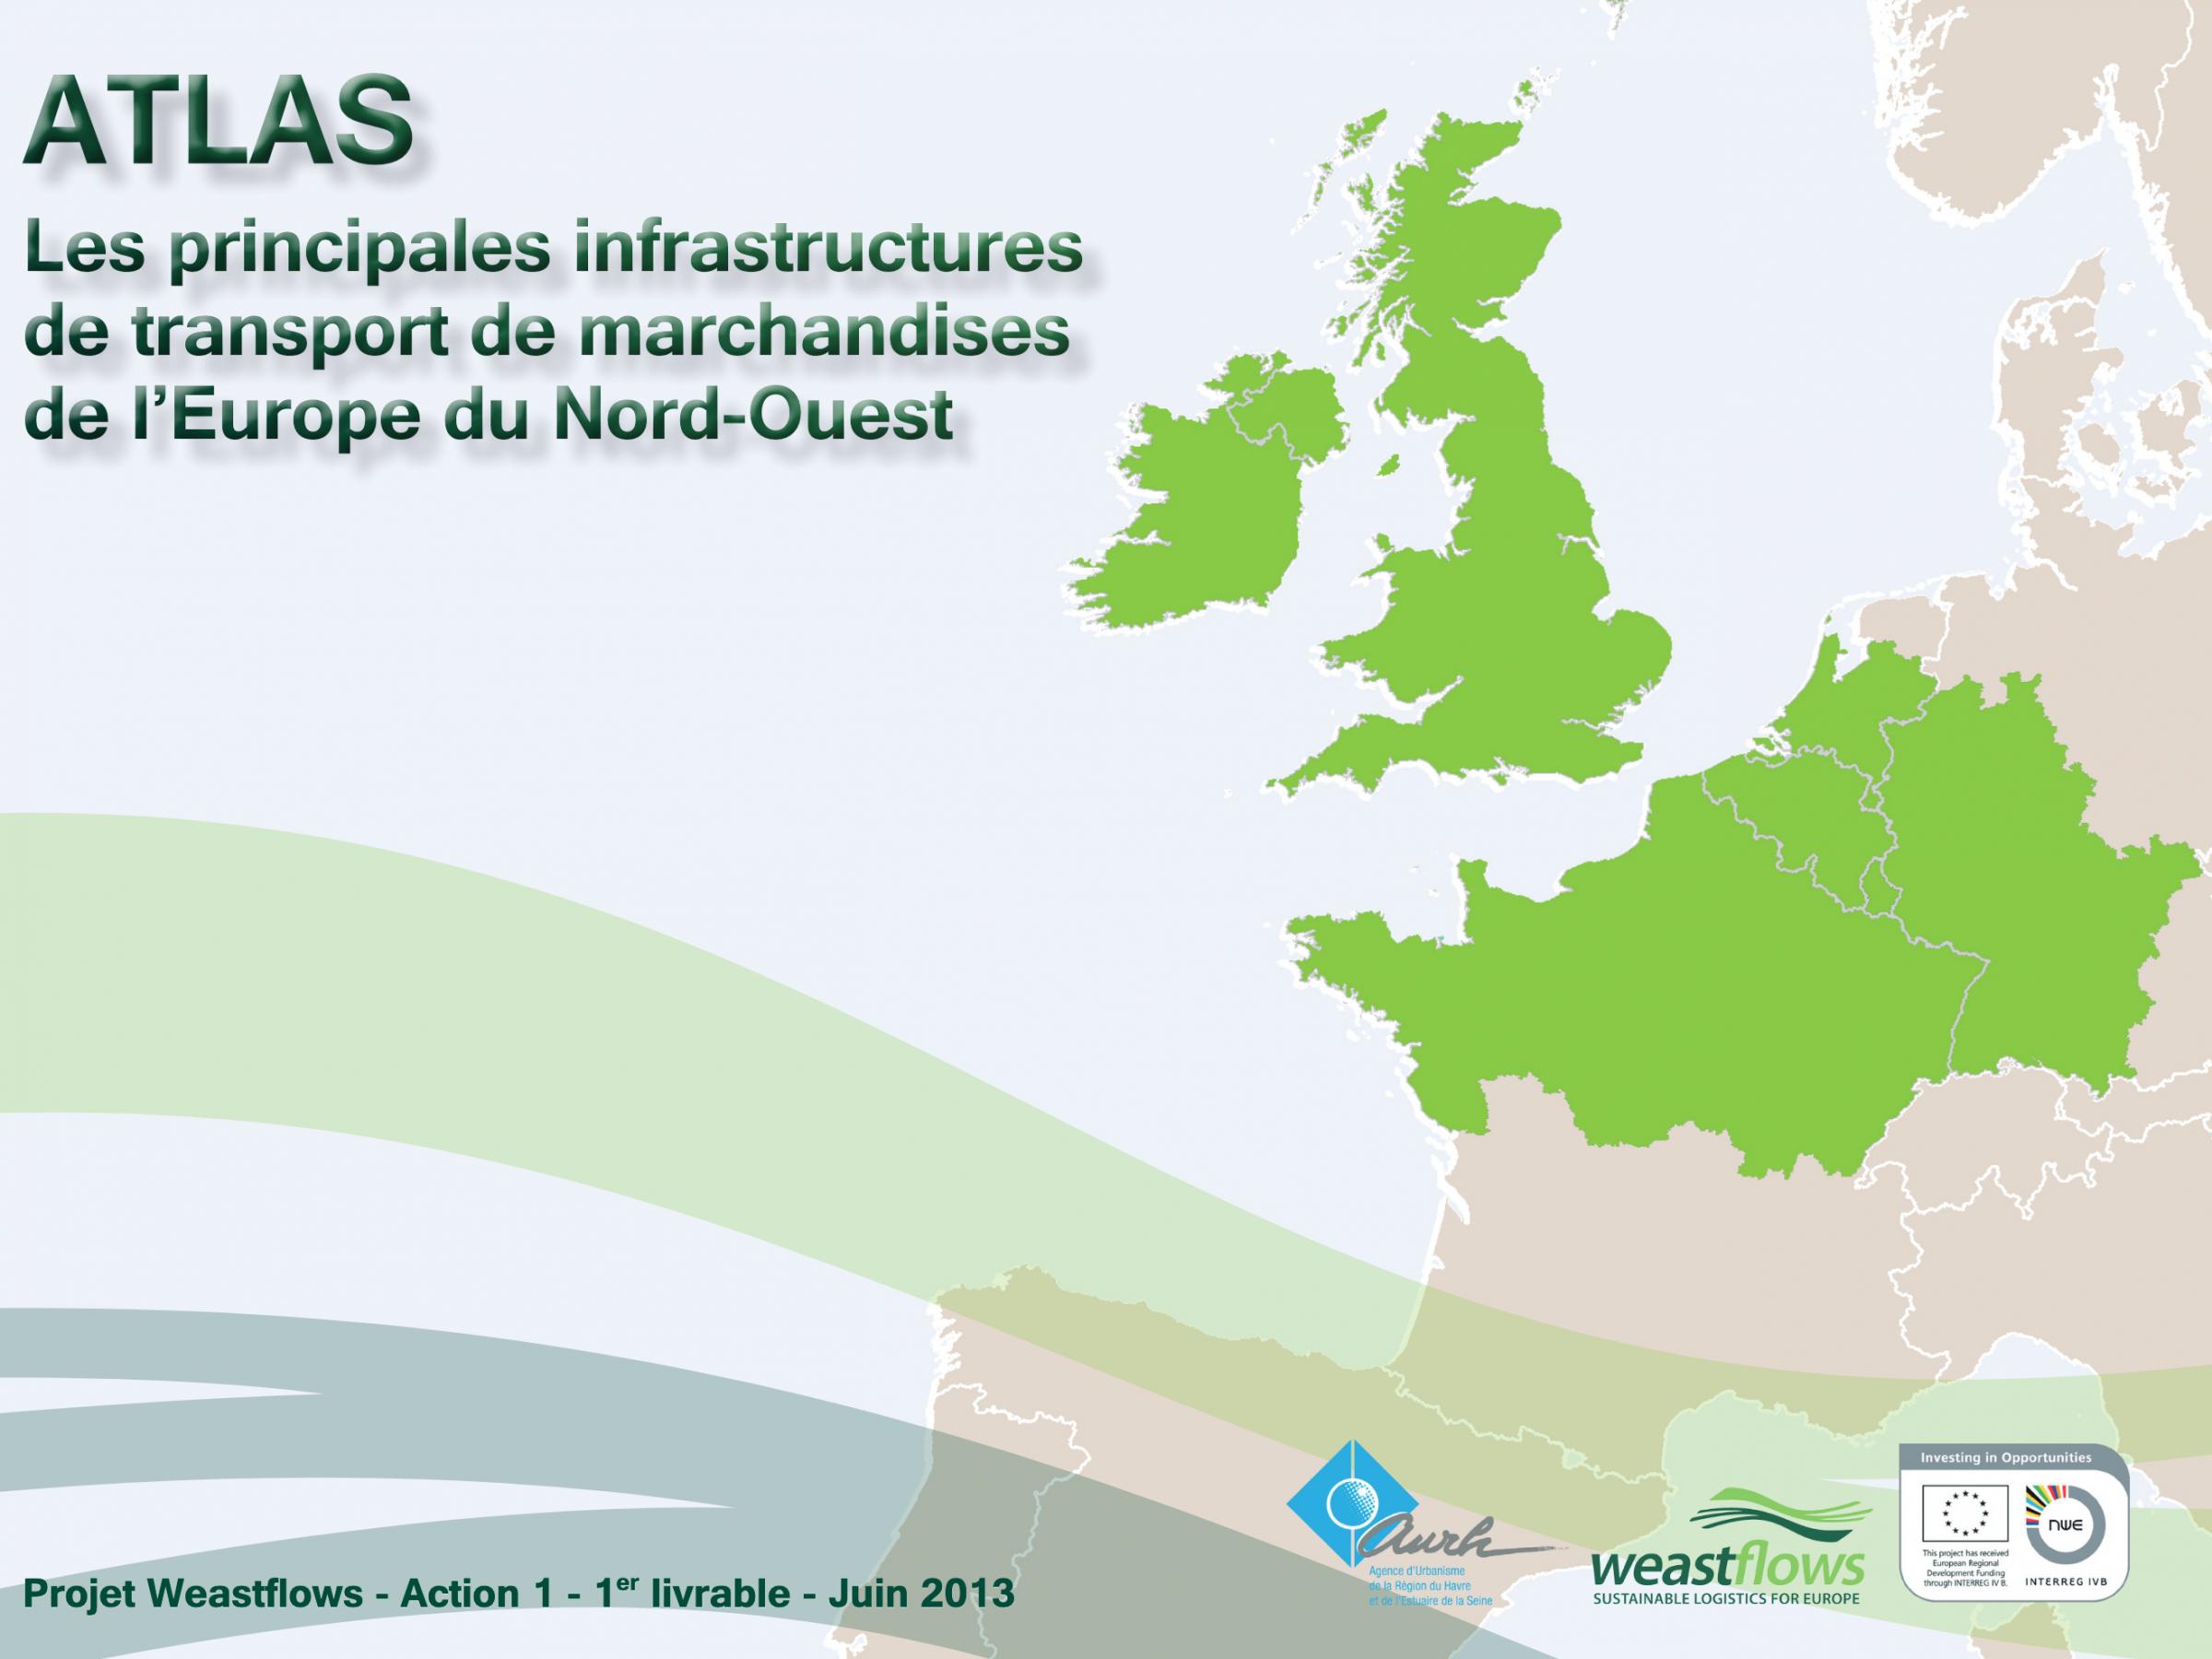 Atlas des principales infrastructures de transport de marchandises de l'Europe du Nord-Ouest